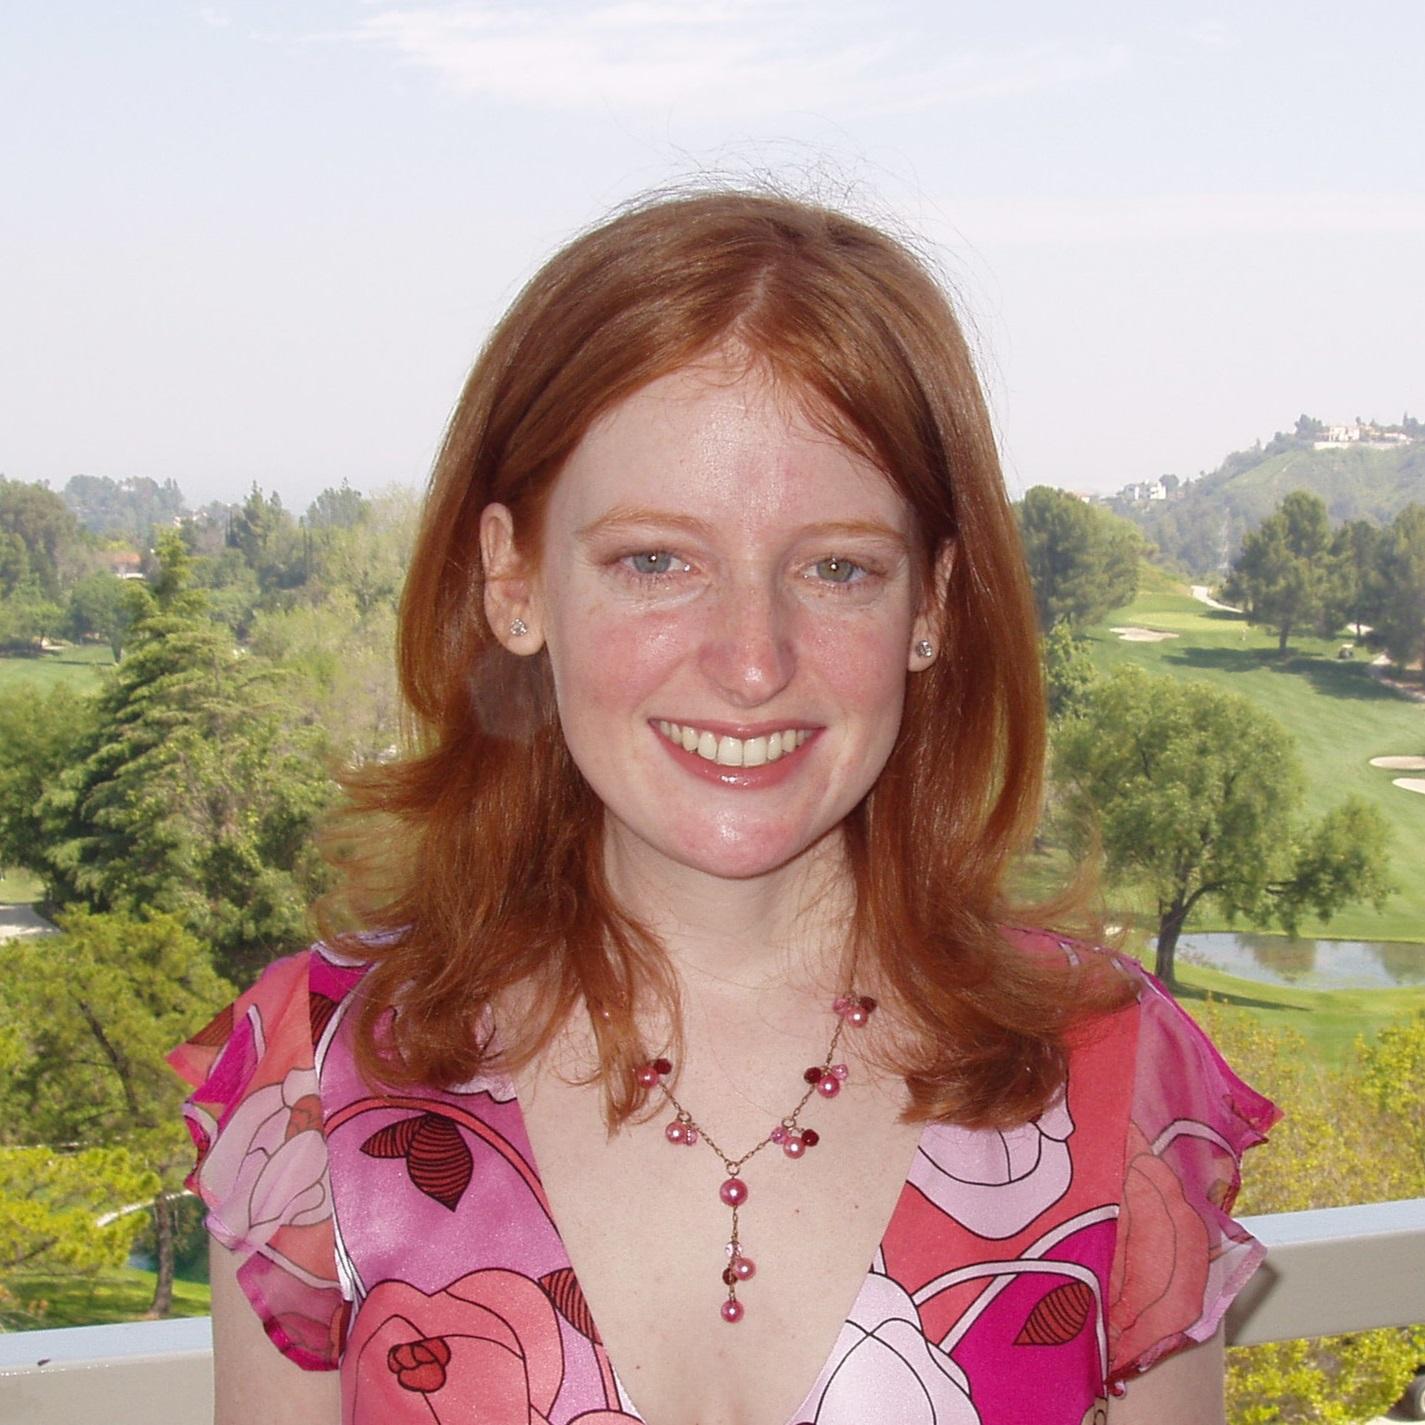 Melissa-marantz-nealy-beauty-bus-foundation-nonprofit-beauty-10-year-anniversary